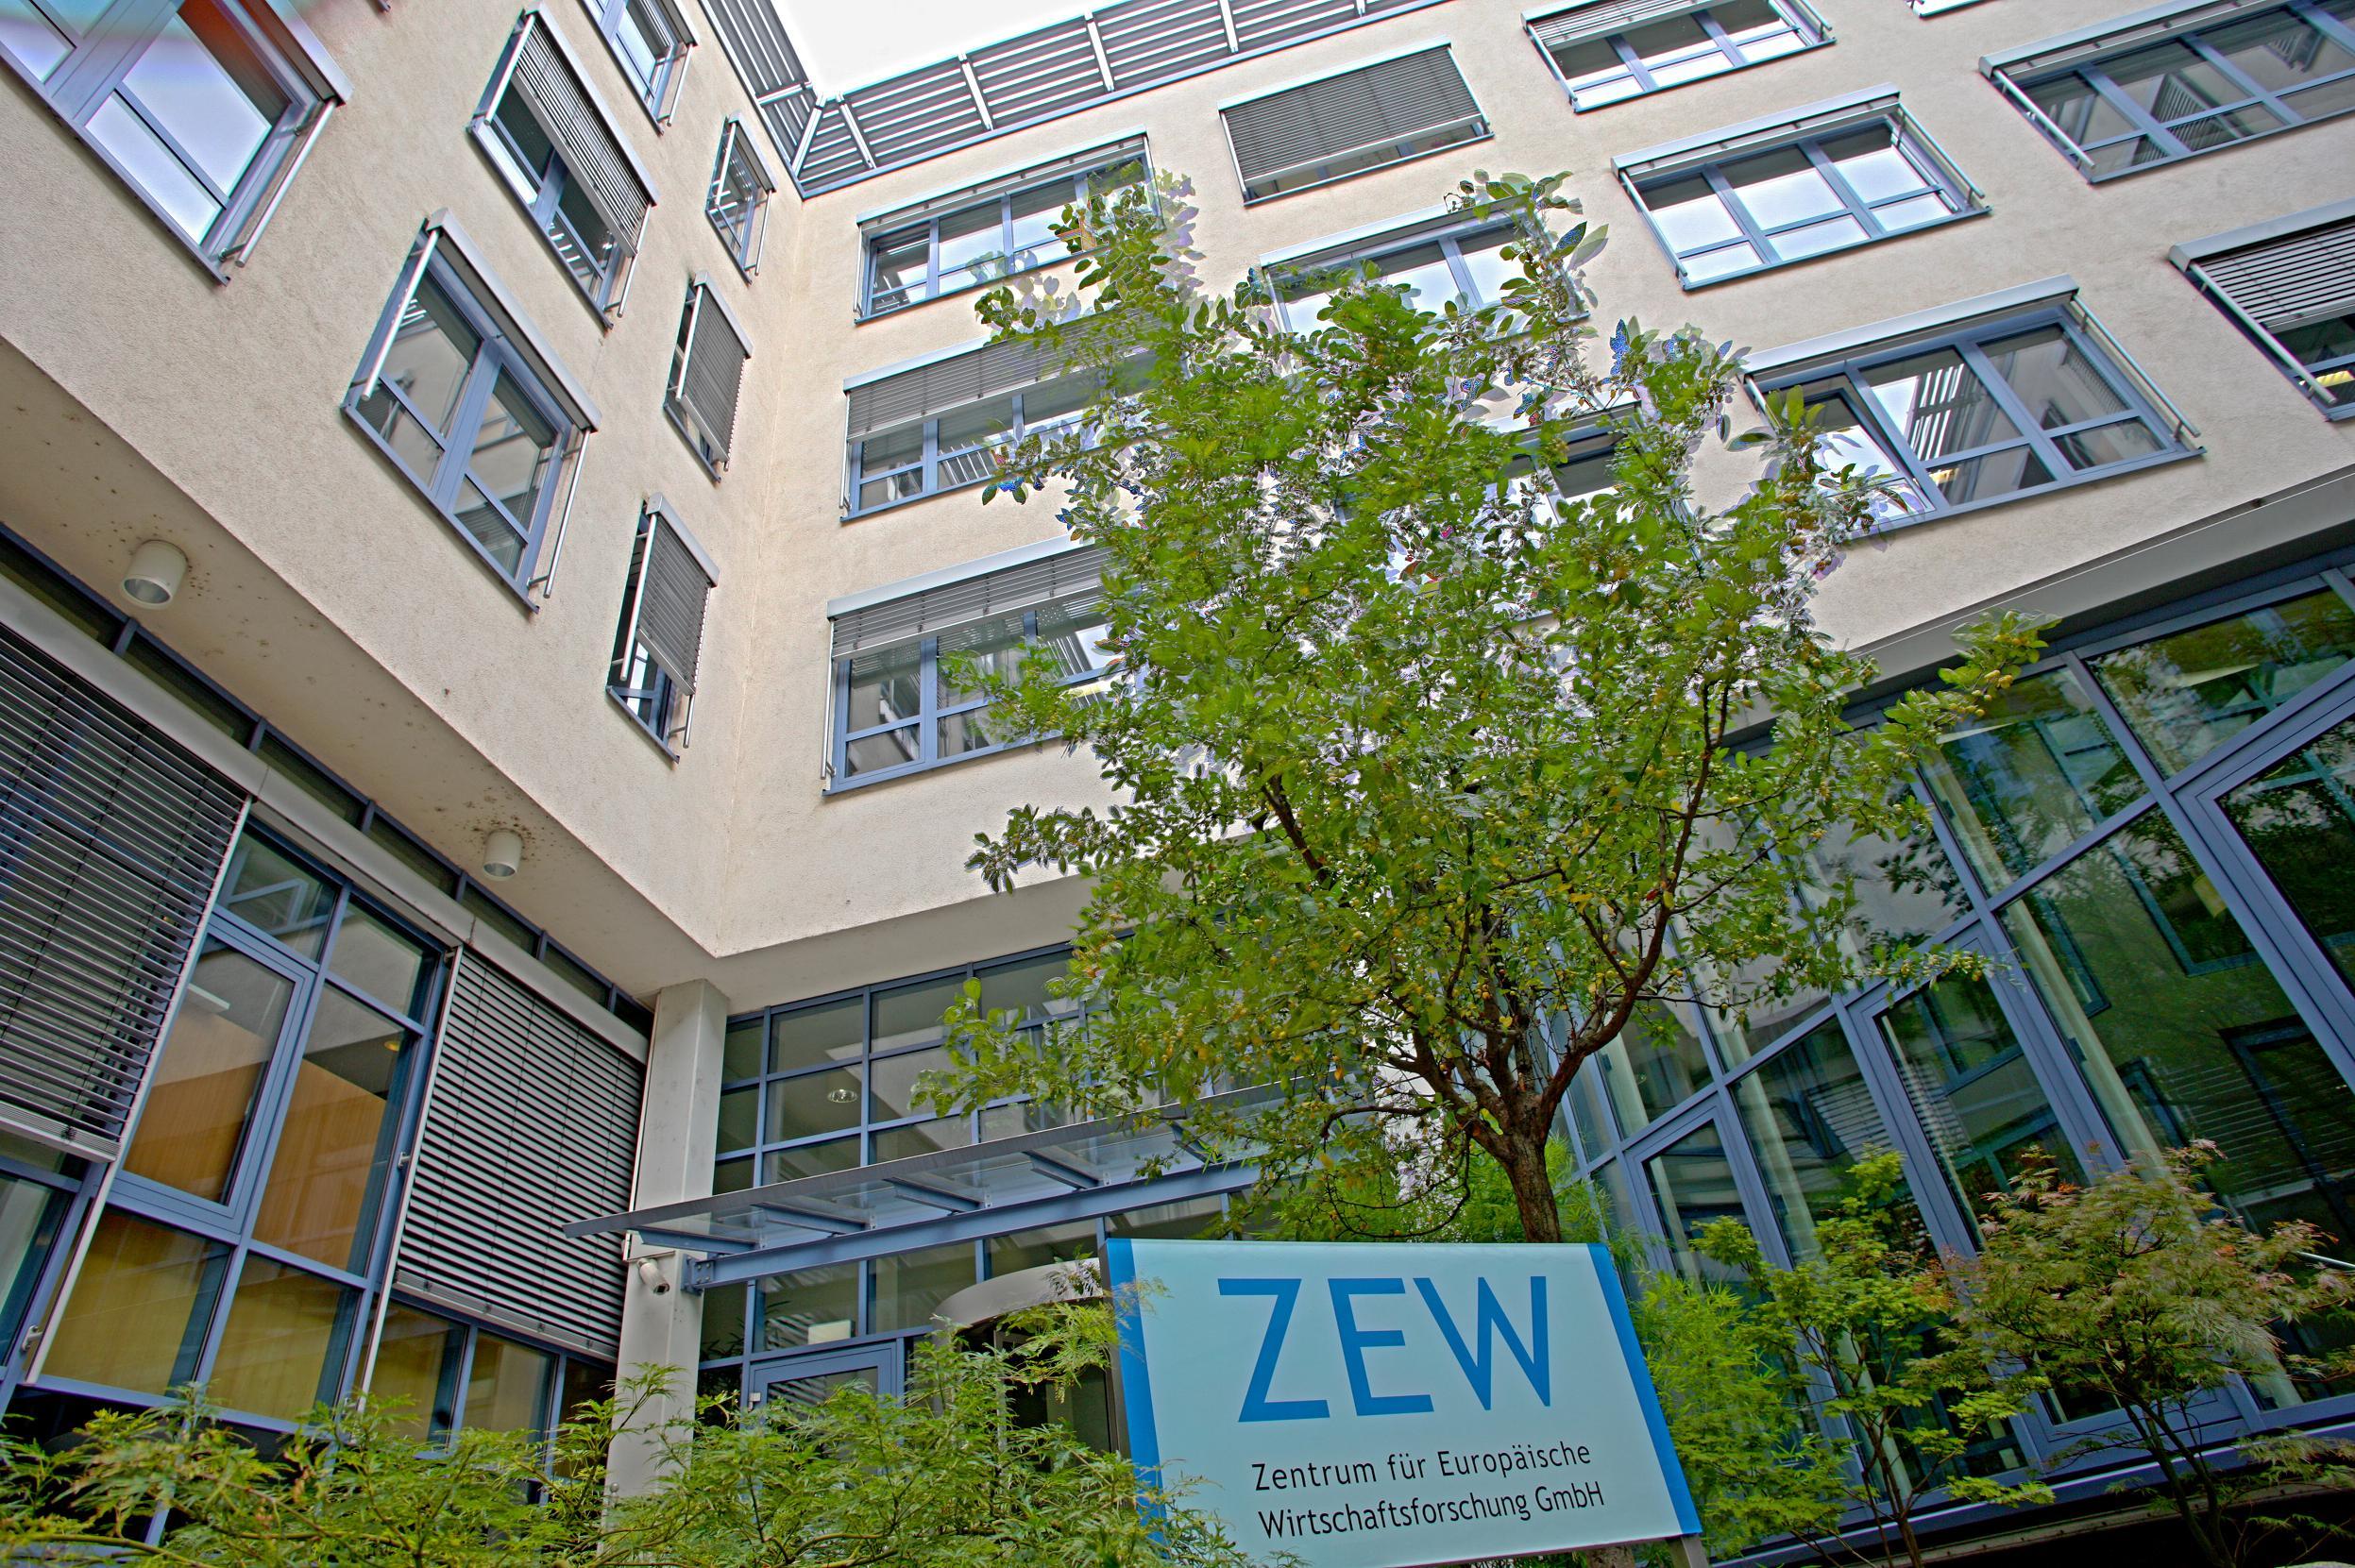 مؤشر ZEW لثقة الاقتصاد الألماني يتراجع بأكبر من المتوقع